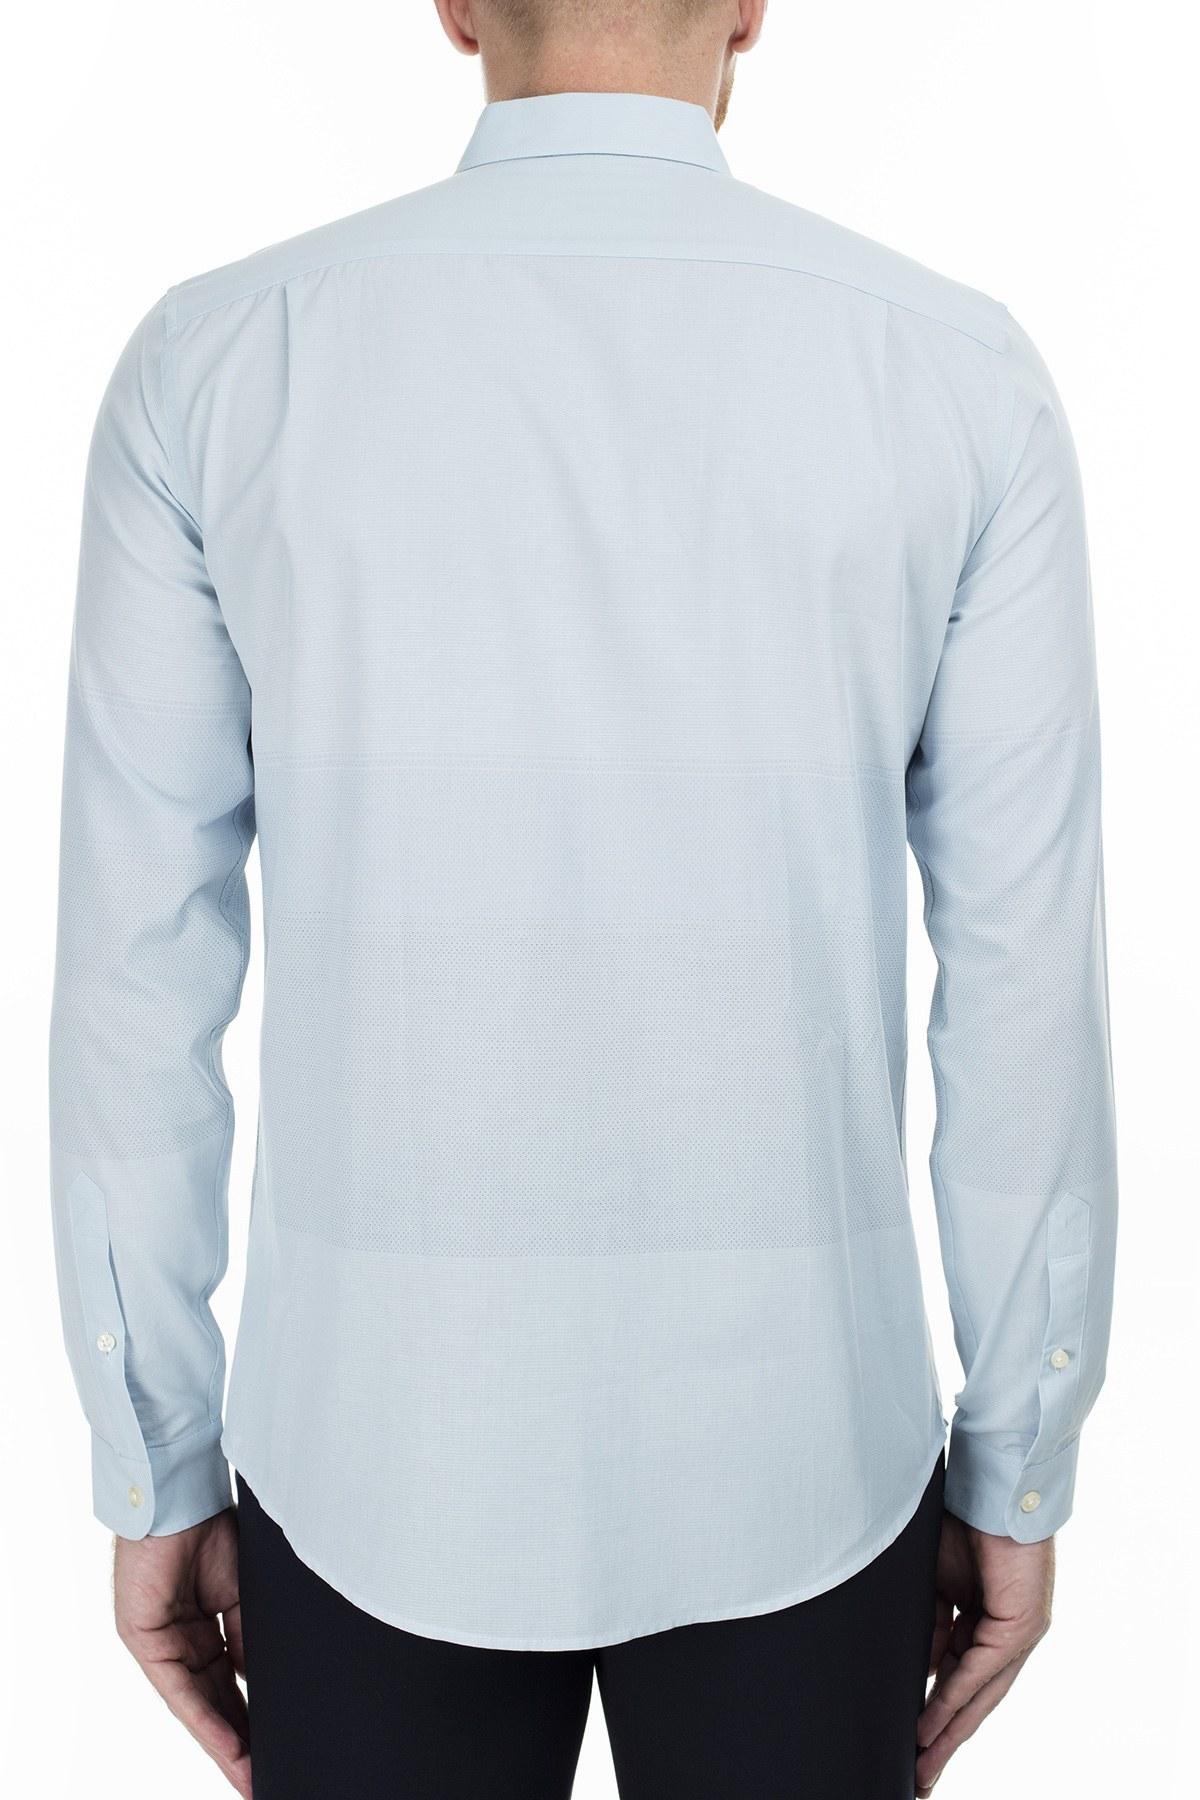 Lacoste Erkek Gömlek S CH1952 52M MAVİ